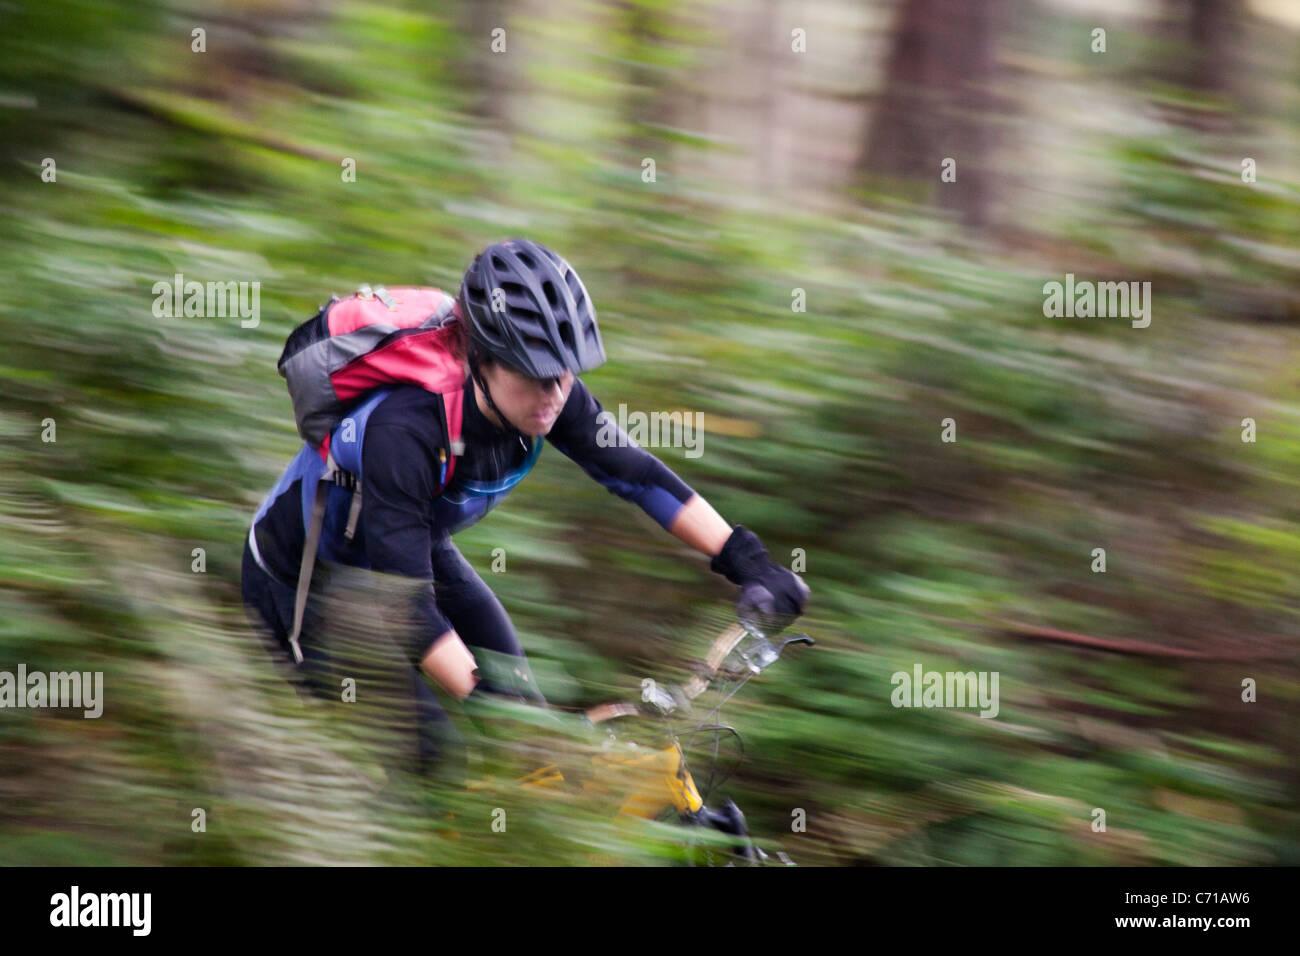 Eine Frau windet sich durch eine Mountainbike-Strecke eingleisig. Stockbild